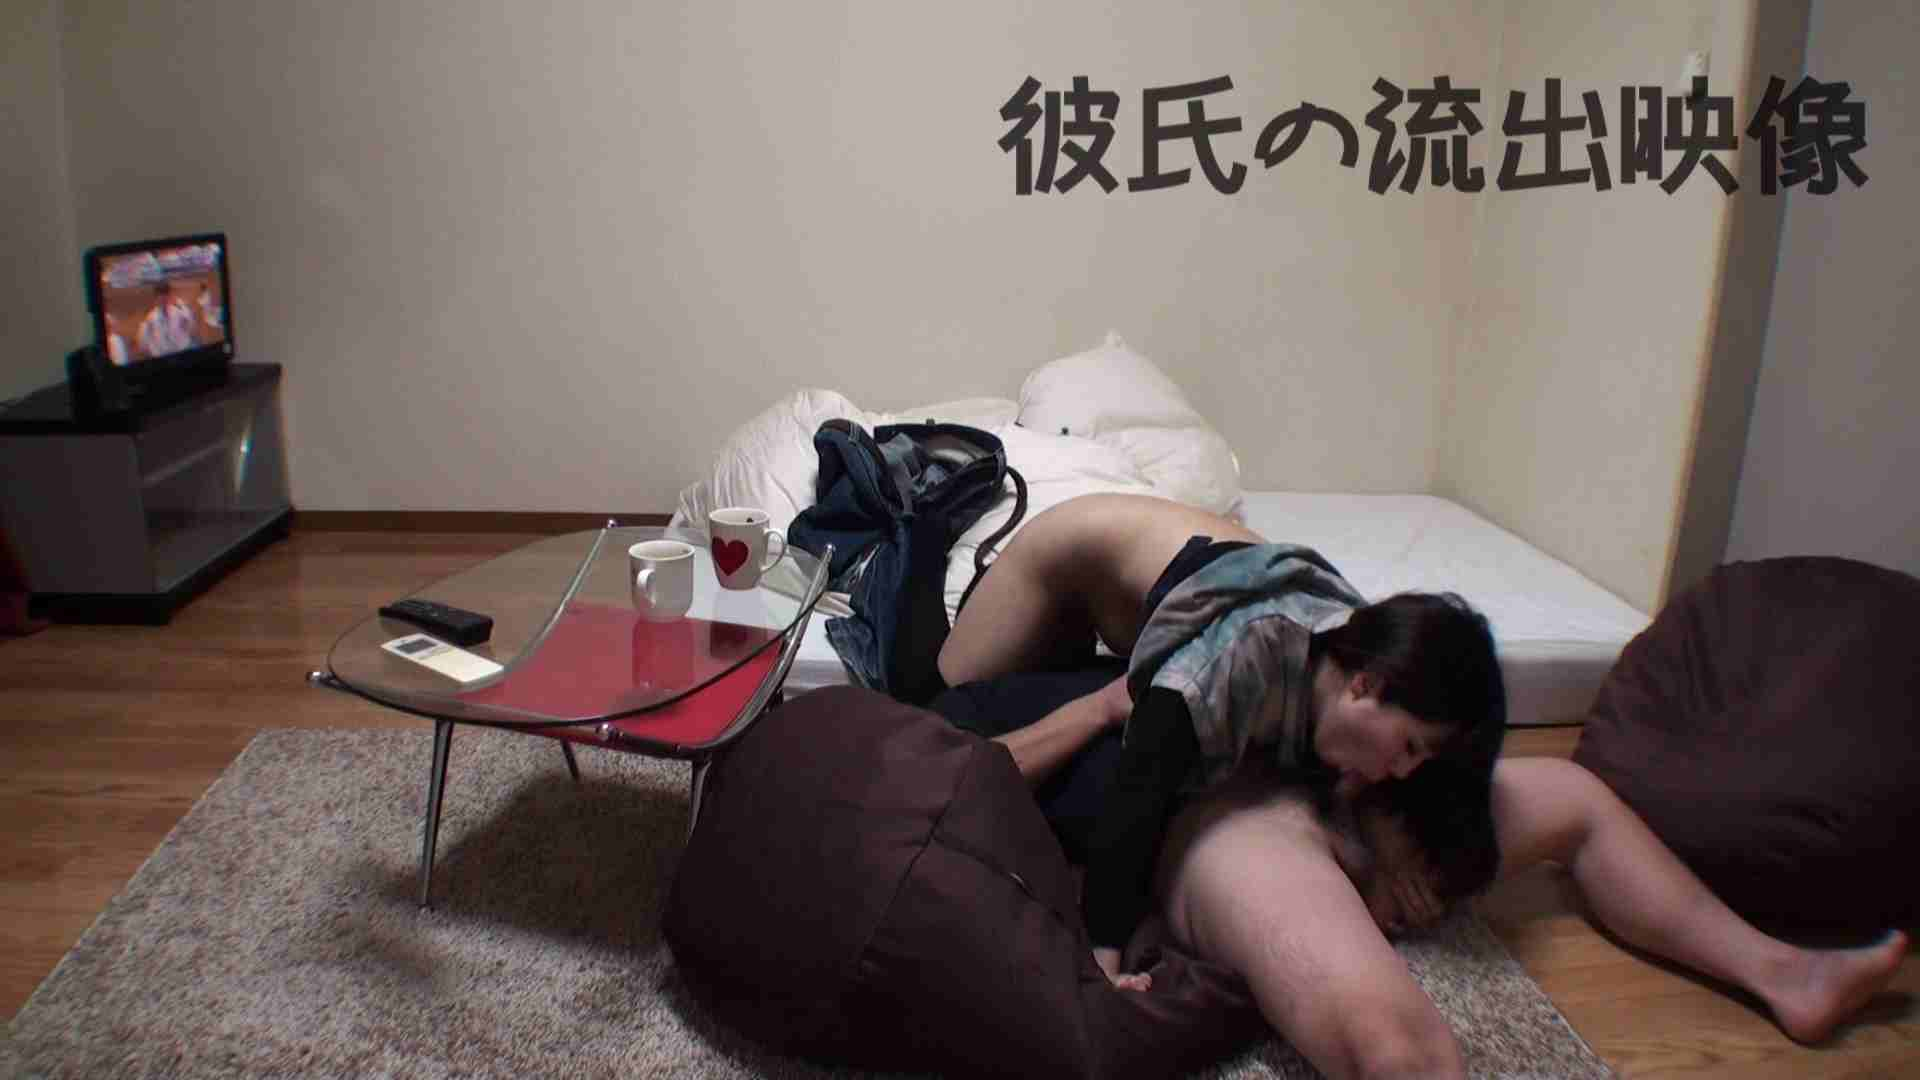 彼氏が流出 パイパン素人嬢のハメ撮り映像02 エッチな素人   SEX  95枚 61